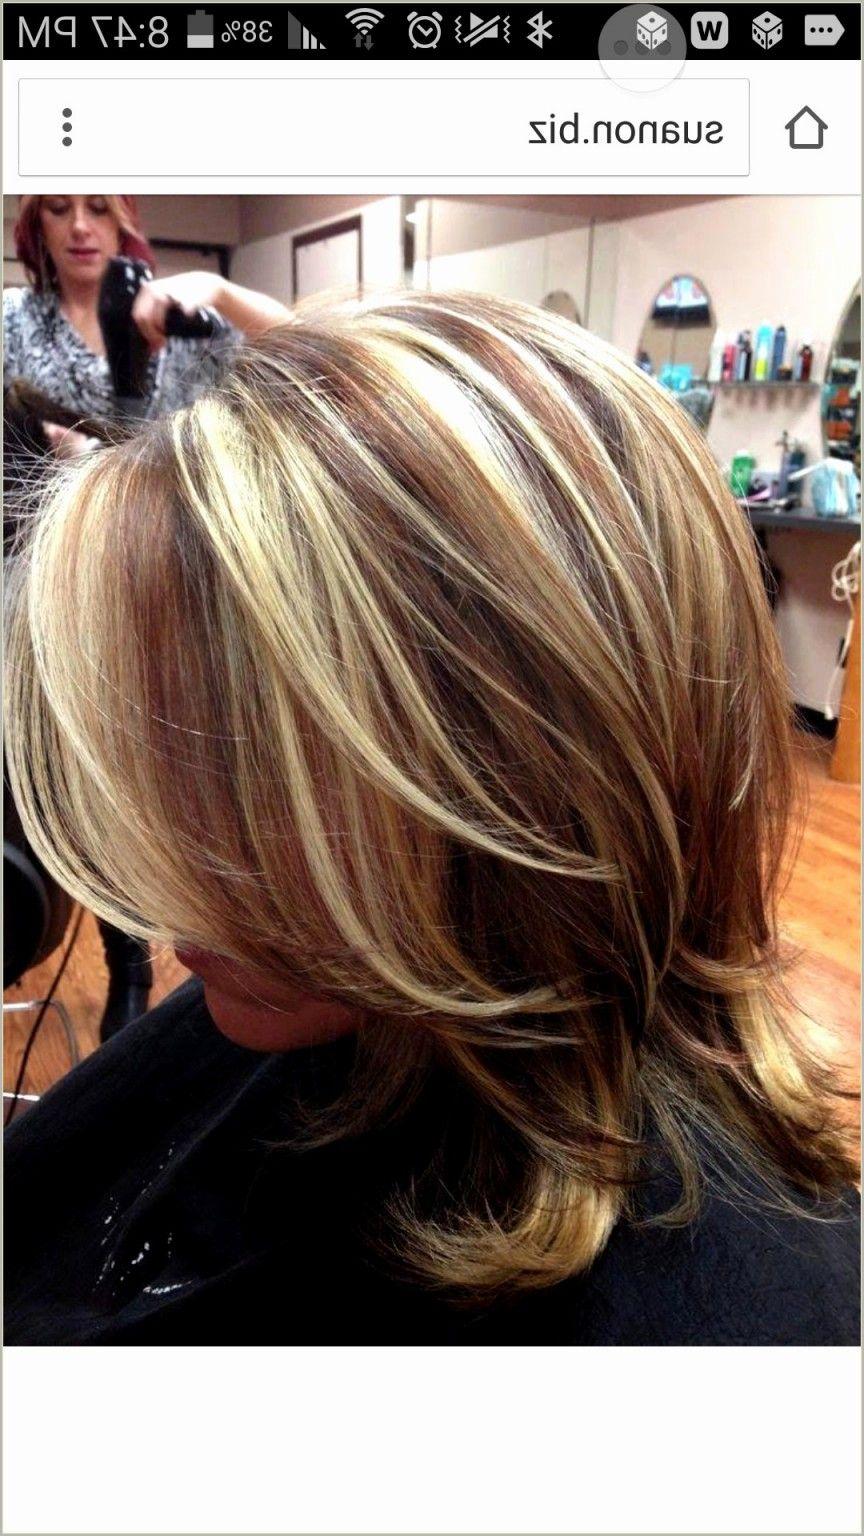 Lovely Frisuren Mittellang 2019 Damen Long Hair Highlights Hair Styles Hair Highlights And Lowlights